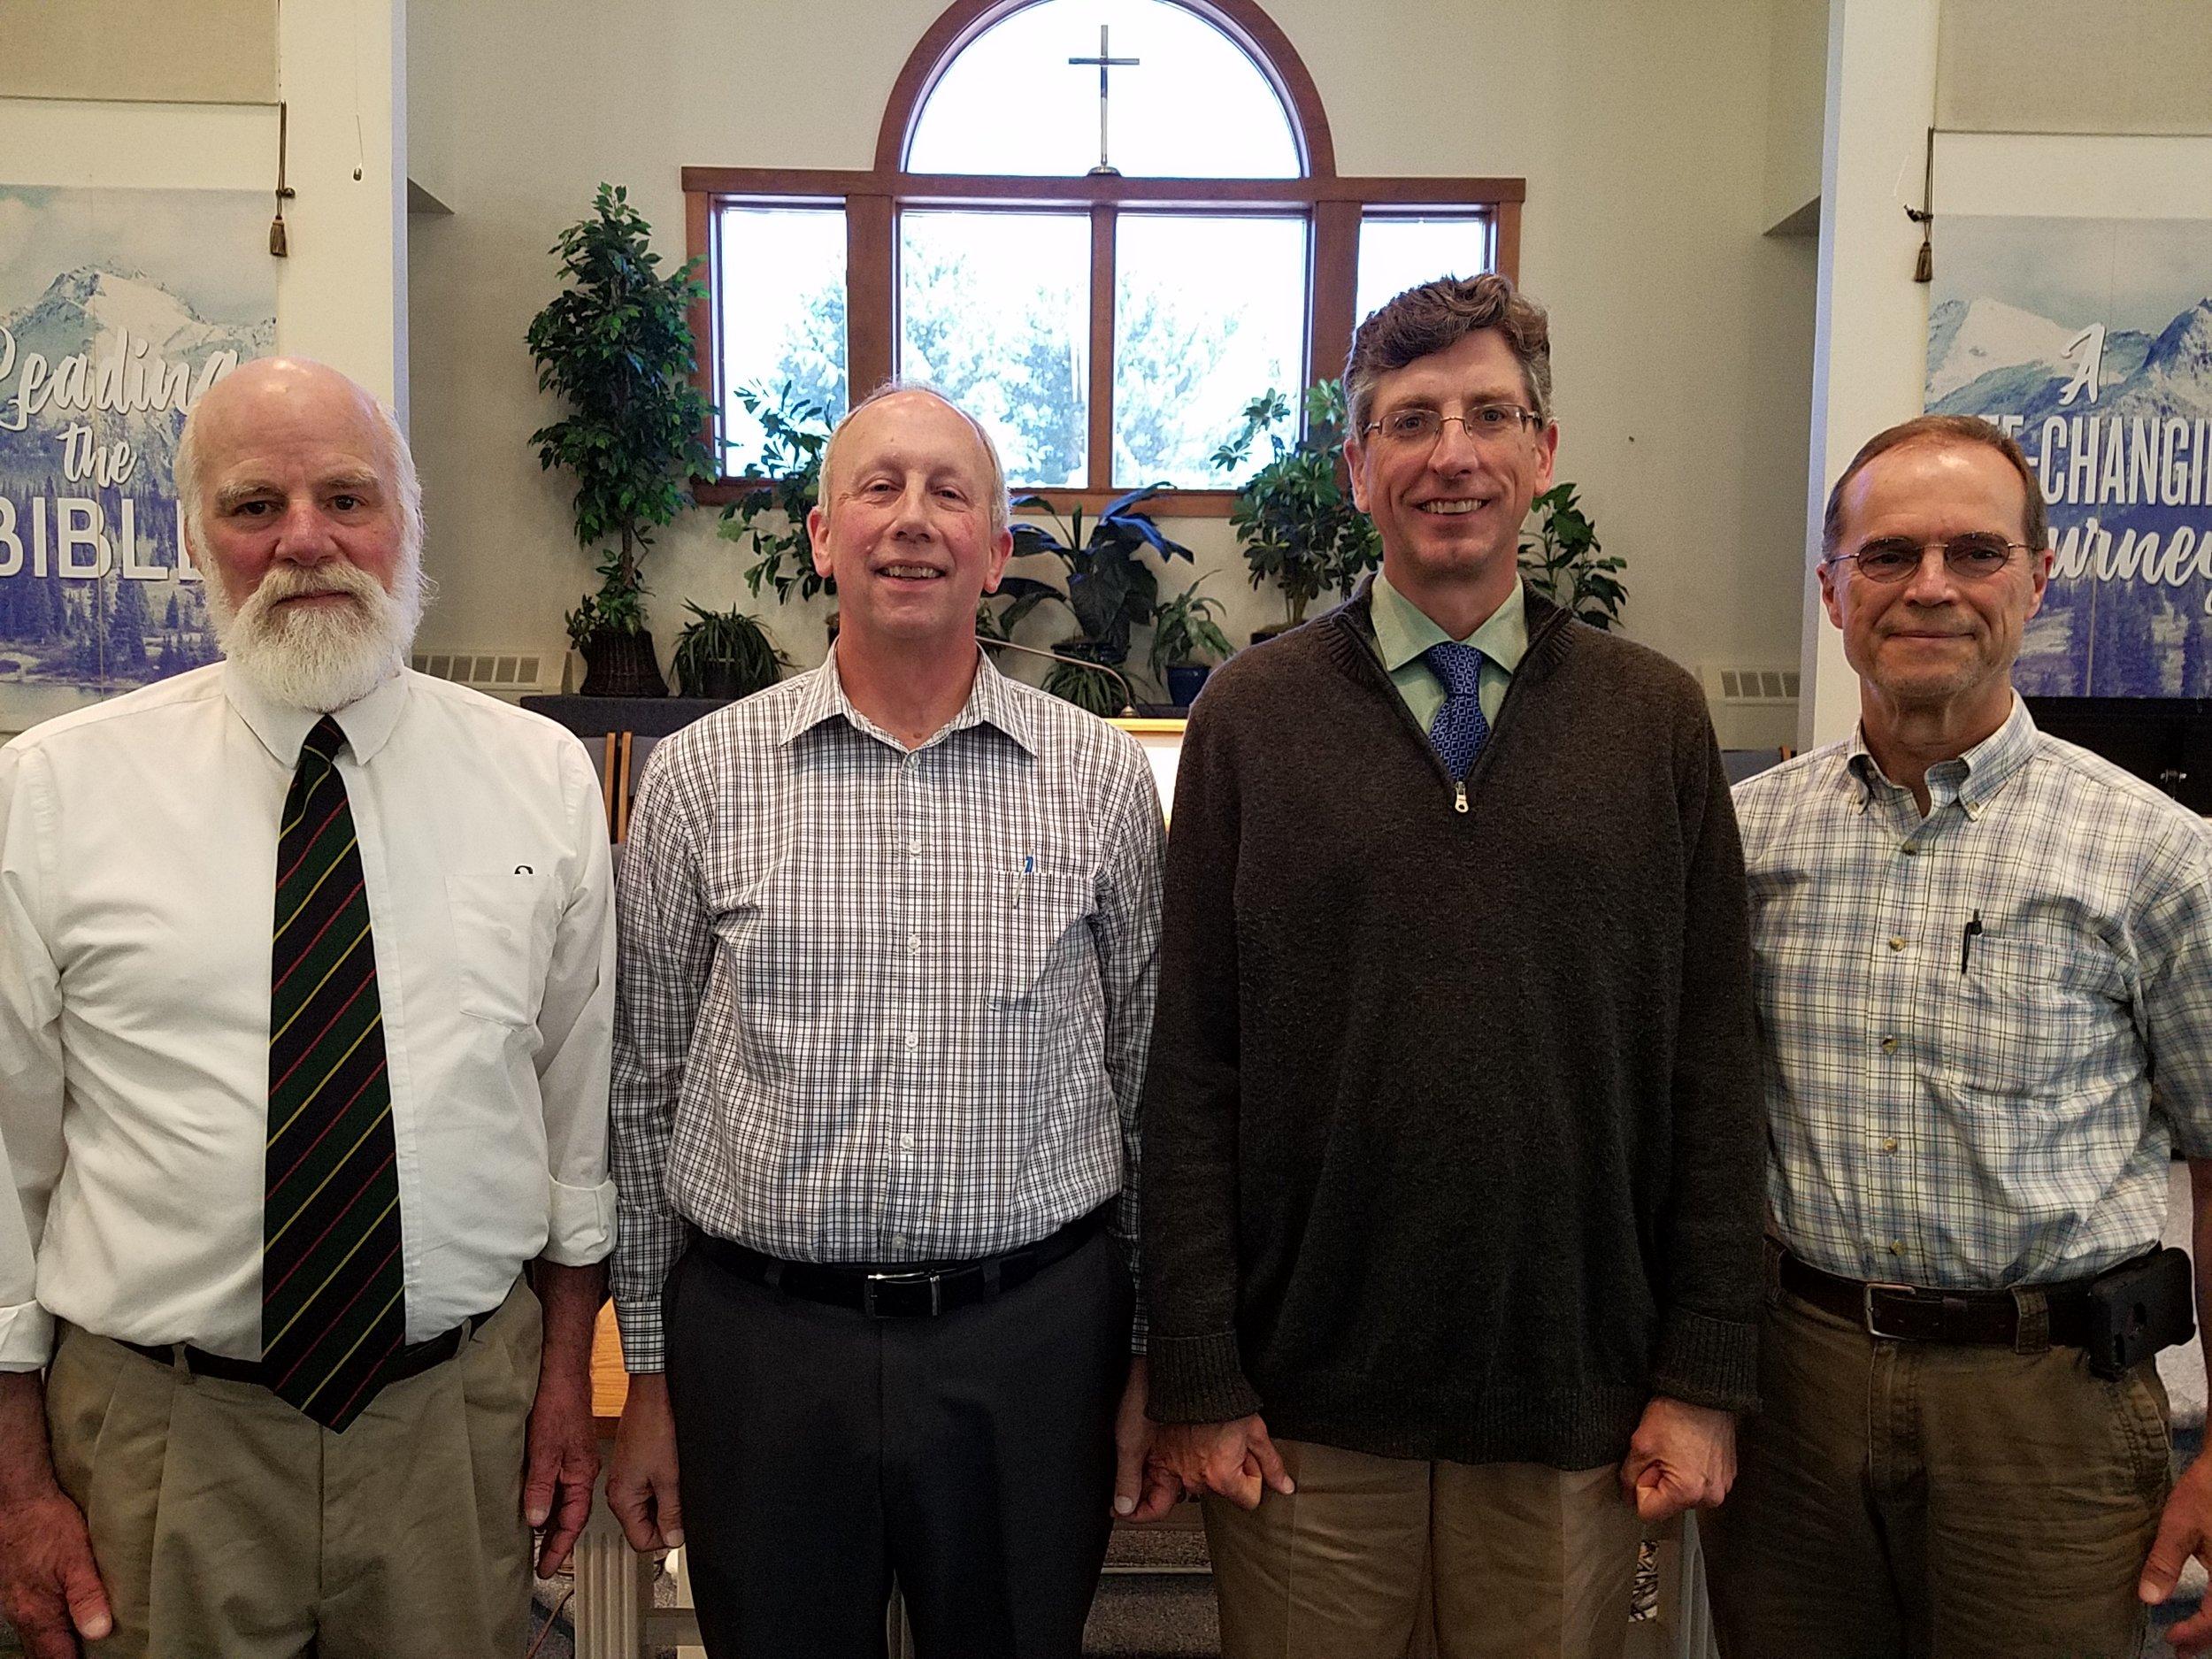 Blaikie Hines, Howard Leach (Head Deacon), Greg Chase, Tim DeHart